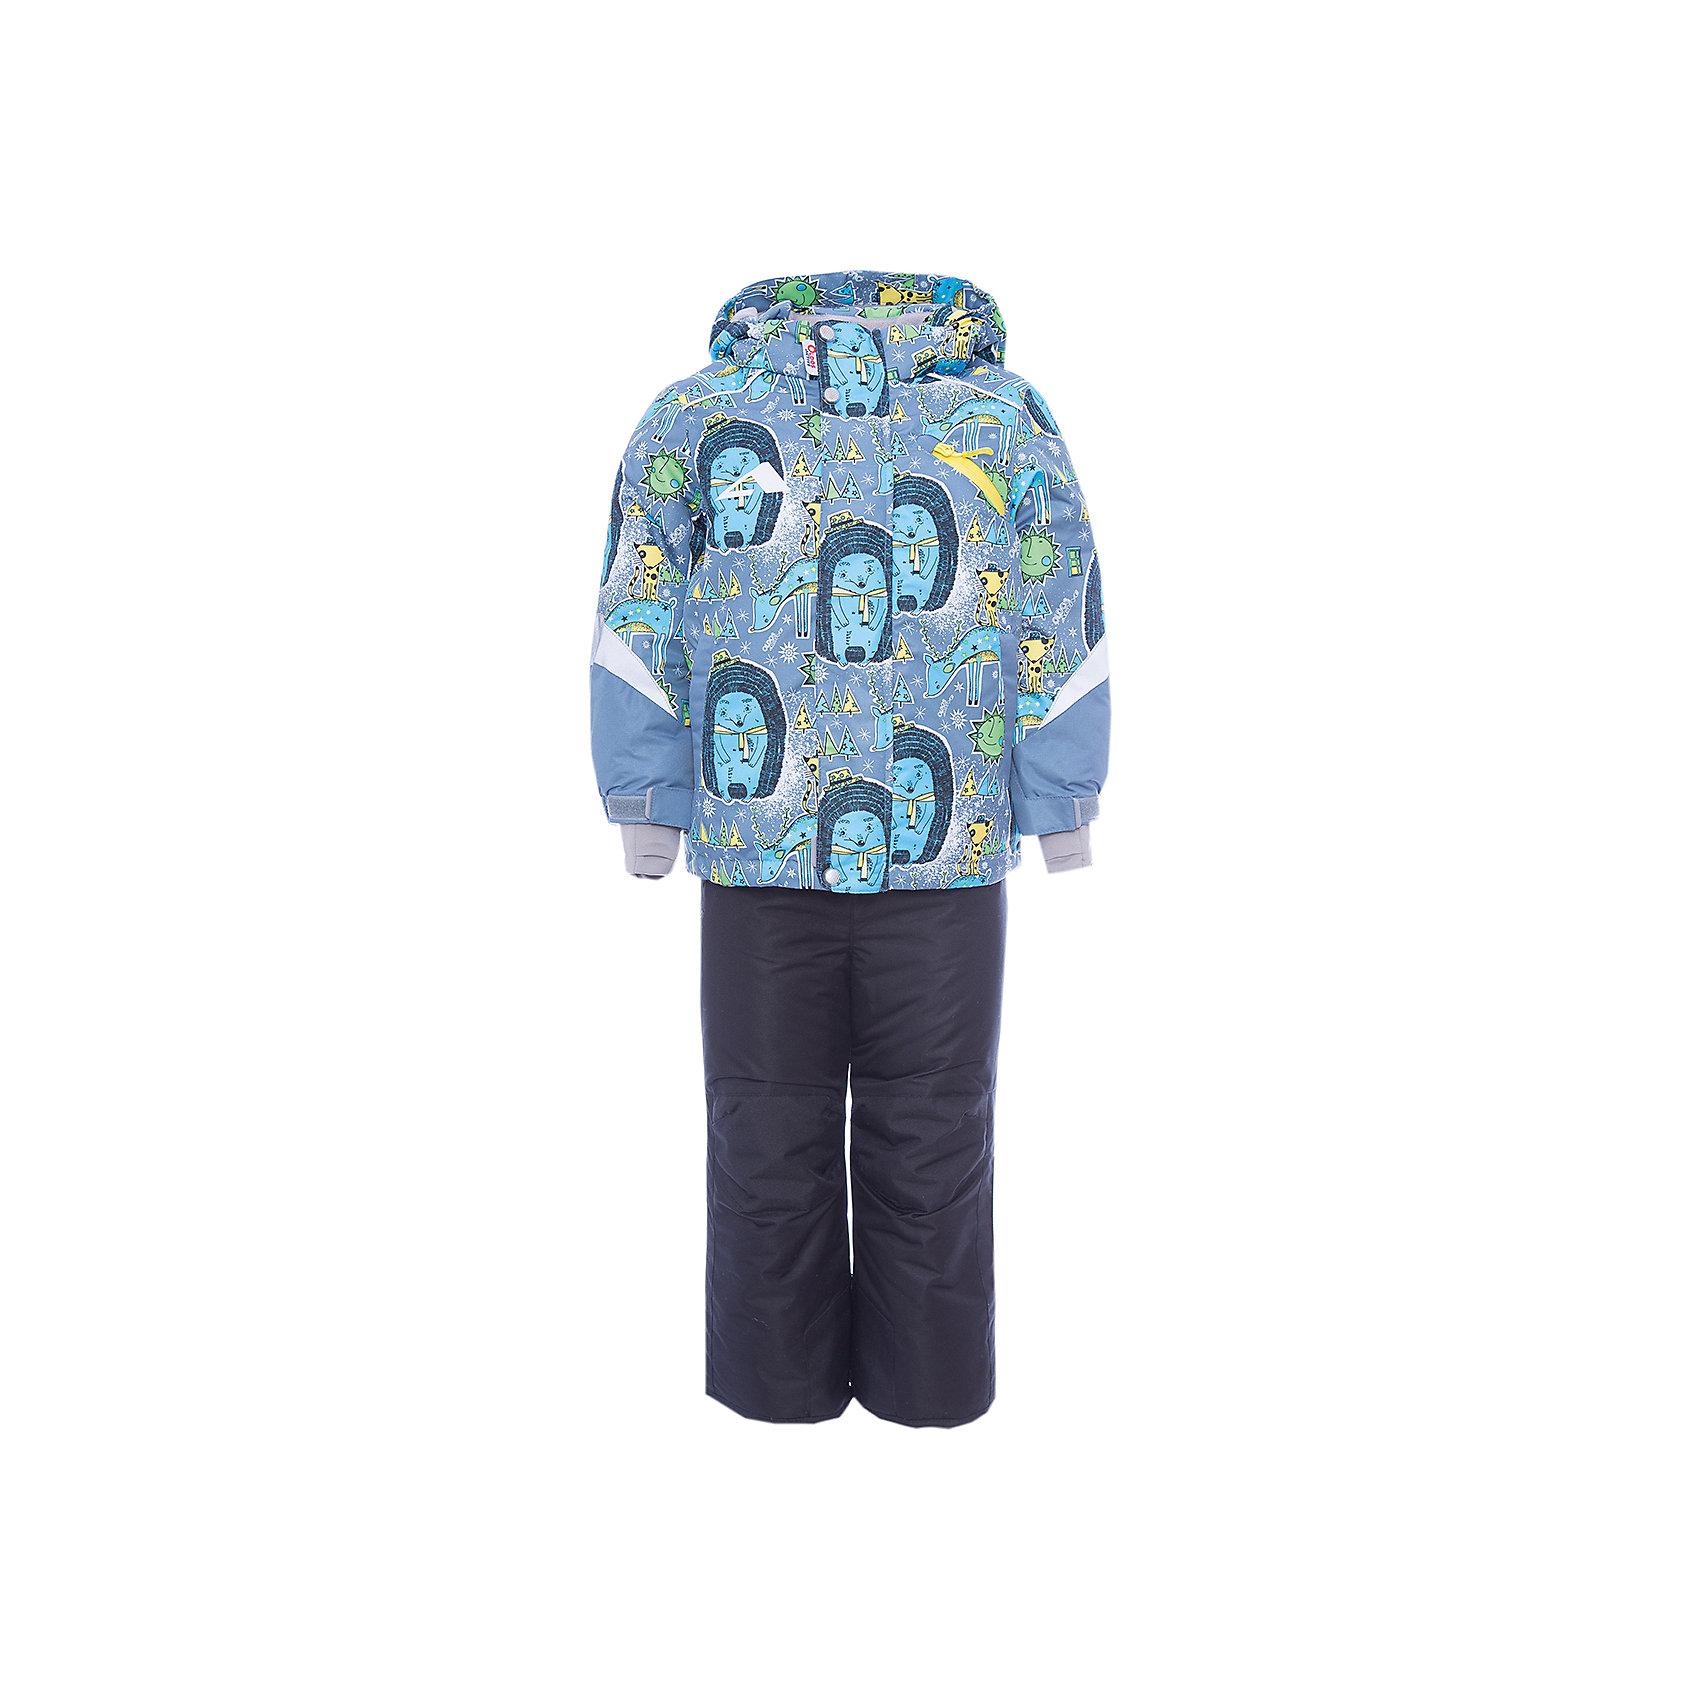 Комплект: куртка и полукомбинезон Арни OLDOS для мальчикаВерхняя одежда<br>Характеристики товара:<br><br>• цвет: серый<br>• комплектация: куртка и полукомбинезон<br>• состав ткани: полиэстер, Teflon<br>• подкладка: флис<br>• утеплитель: Hollofan pro<br>• сезон: зима<br>• мембранное покрытие<br>• температурный режим: от -30 до +5<br>• водонепроницаемость: 5000 мм <br>• паропроницаемость: 5000 г/м2<br>• плотность утеплителя: куртка - 200 г/м2, полукомбинезон - 150 г/м2<br>• застежка: молния<br>• капюшон: без меха, съемный<br>• полукомбинезон усилен износостойкими вставками<br>• страна бренда: Россия<br>• страна изготовитель: Россия<br><br>Манжеты на рукавах этого детского комплекта регулируются по ширине, есть эластичные манжеты с отверстием для большого пальца. Подкладка зимнего комплекта - флис, в рукавах и брючинах – гладкий полиэстер. Детский комплект для мальчика дополнен элементами, помогающими скорректировать размер точно под ребенка. <br><br>Комплект: куртка и полукомбинезон Арни Oldos (Олдос) для мальчика можно купить в нашем интернет-магазине.<br><br>Ширина мм: 356<br>Глубина мм: 10<br>Высота мм: 245<br>Вес г: 519<br>Цвет: синий<br>Возраст от месяцев: 36<br>Возраст до месяцев: 48<br>Пол: Мужской<br>Возраст: Детский<br>Размер: 104,86,92,98<br>SKU: 7016239